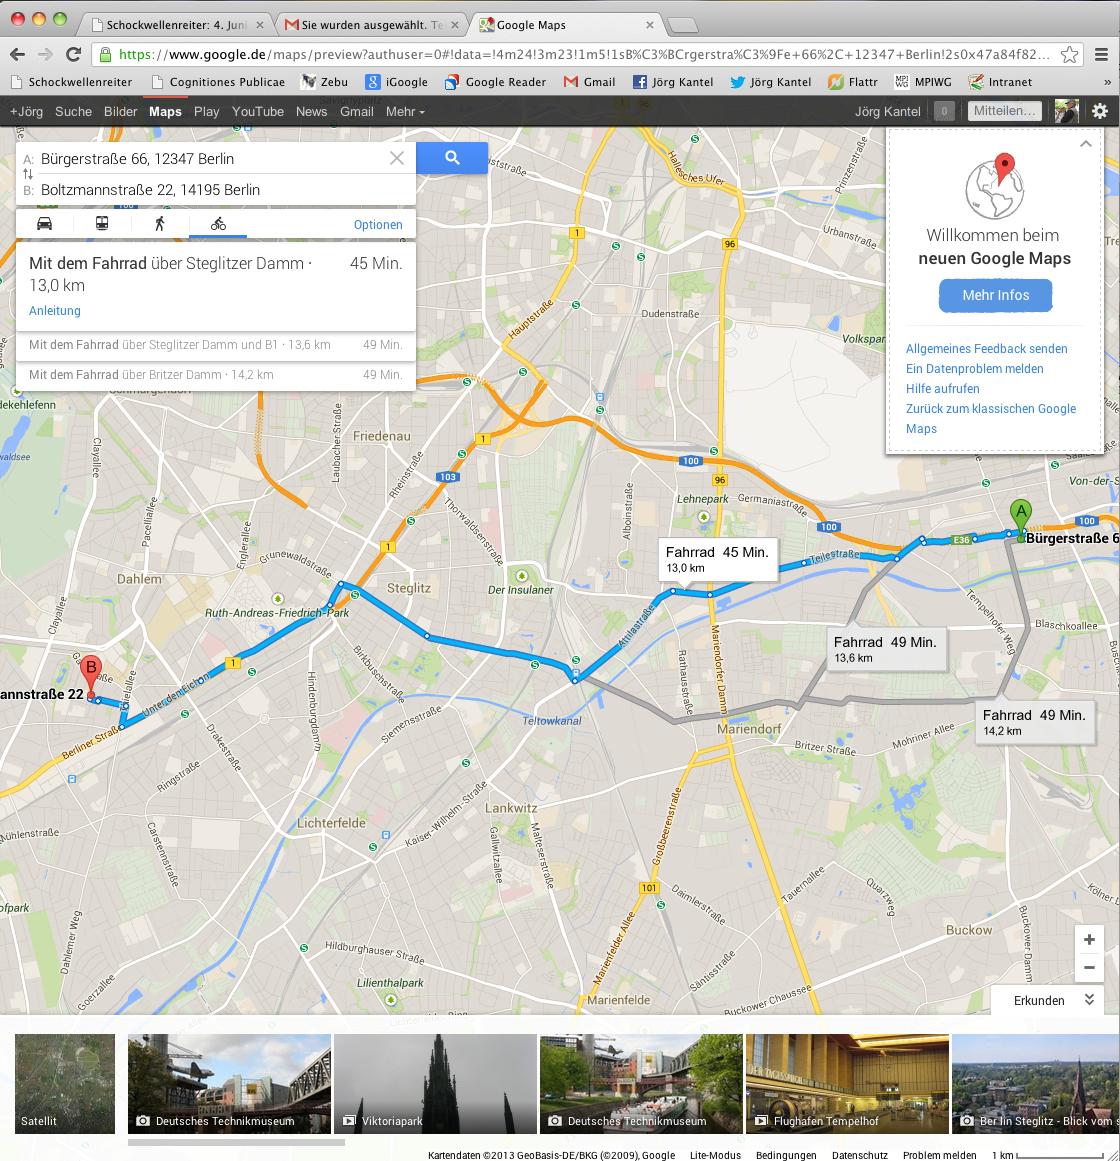 Como puedo copiar una foto de google maps 22